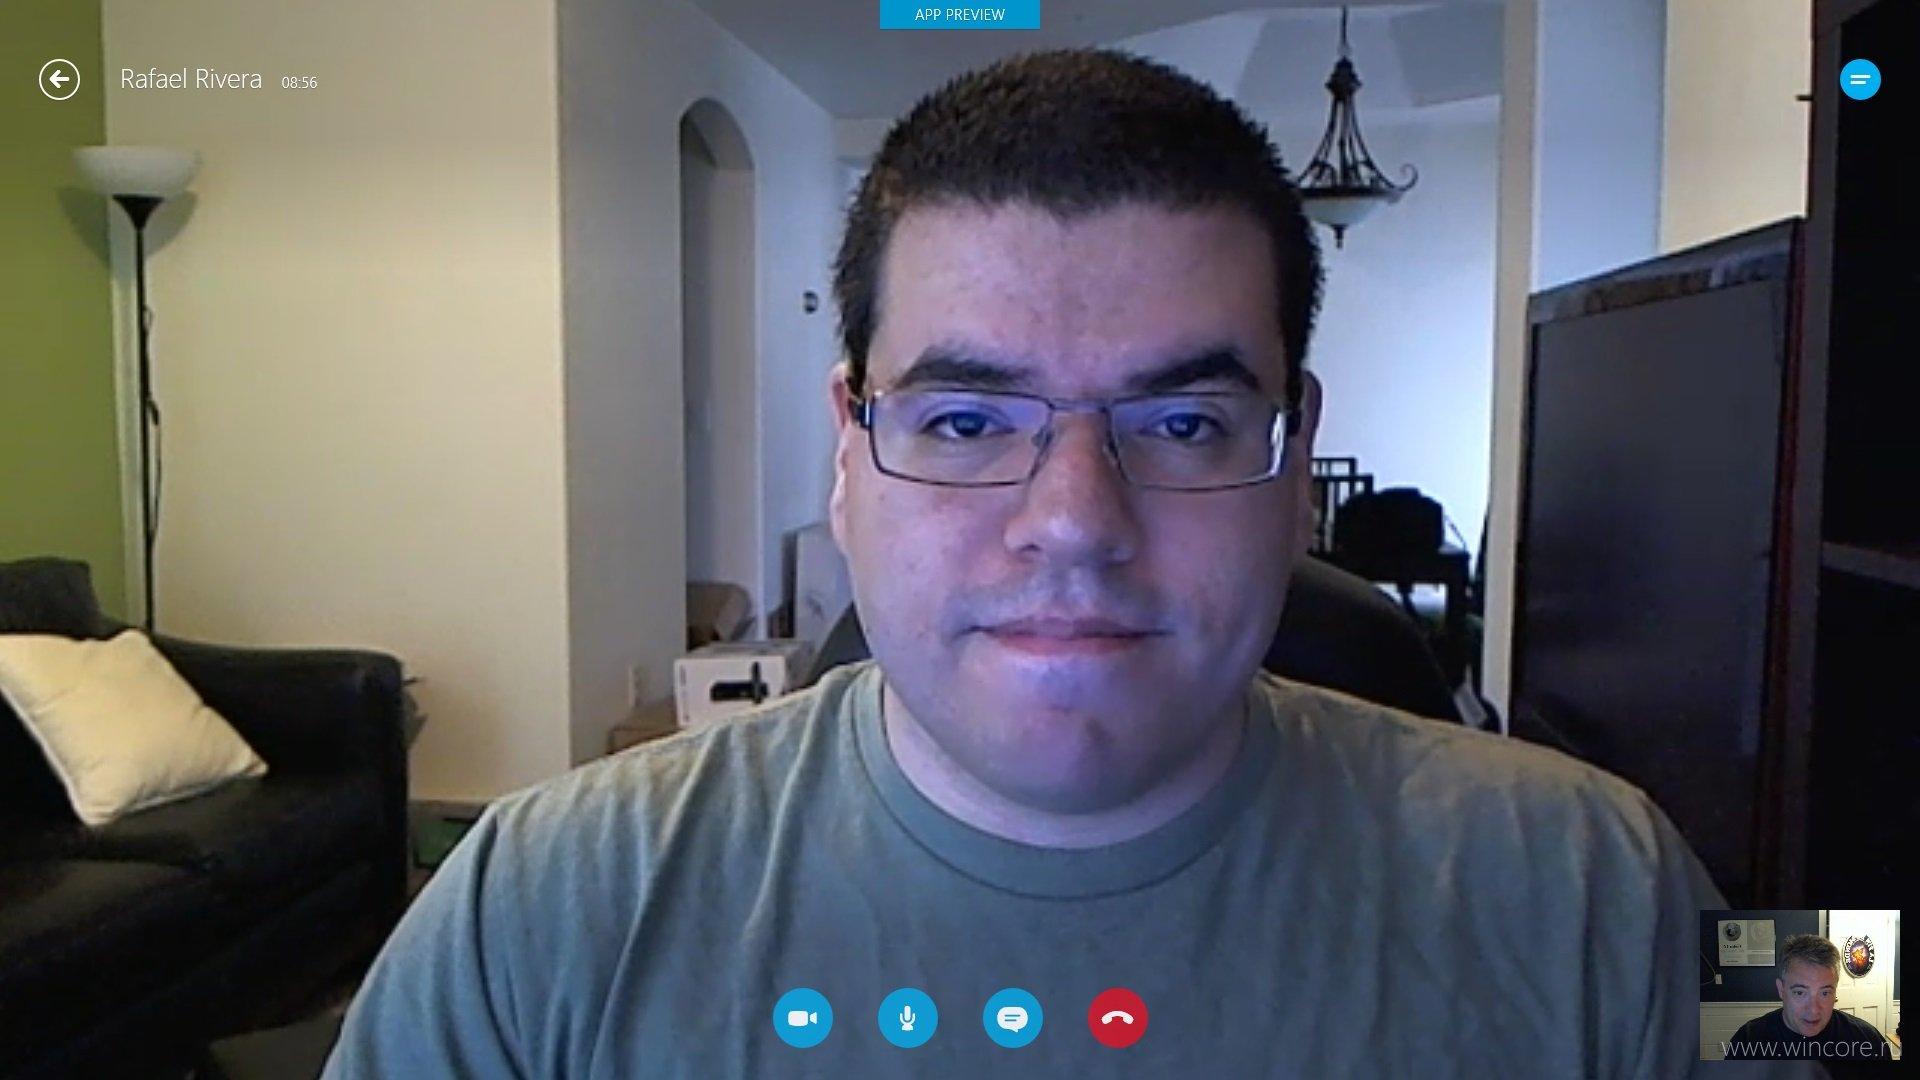 Как сделать фото с камеры в скайпе